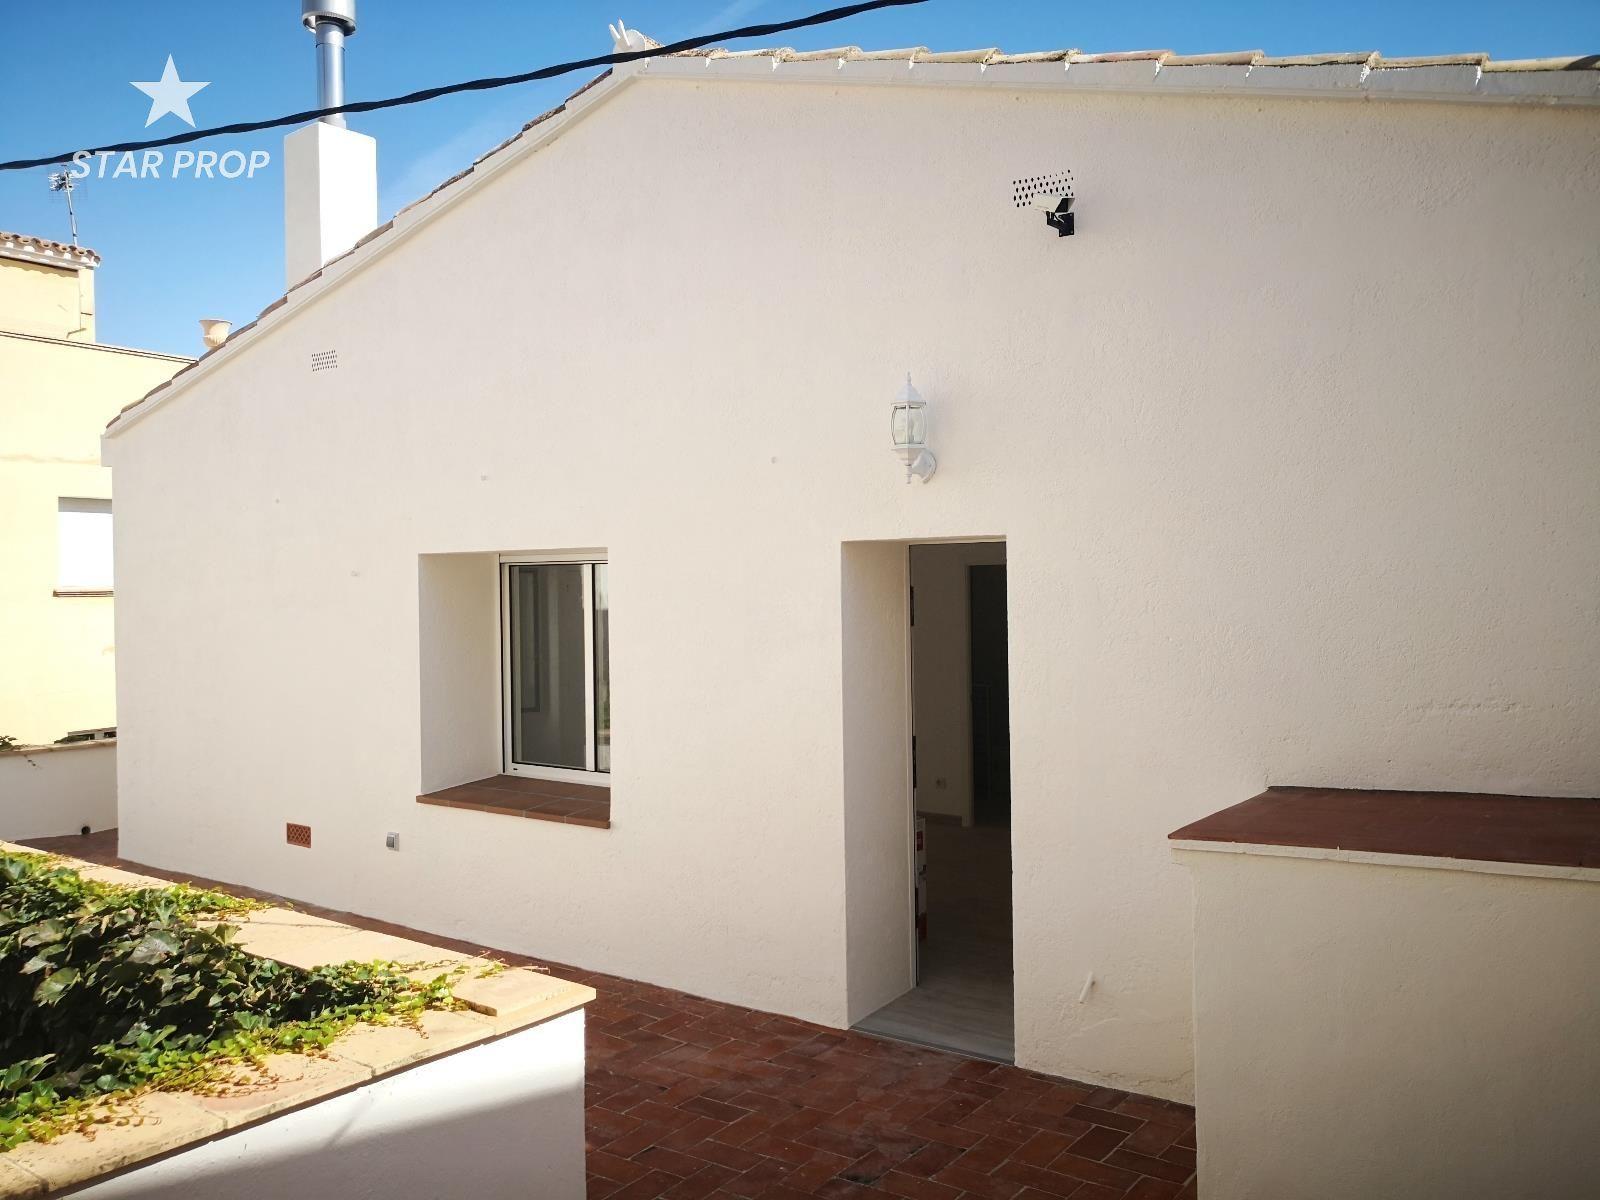 Alquiler Piso  Vila llança. Se alquila precioso y confortable apartamento totalmente reforma